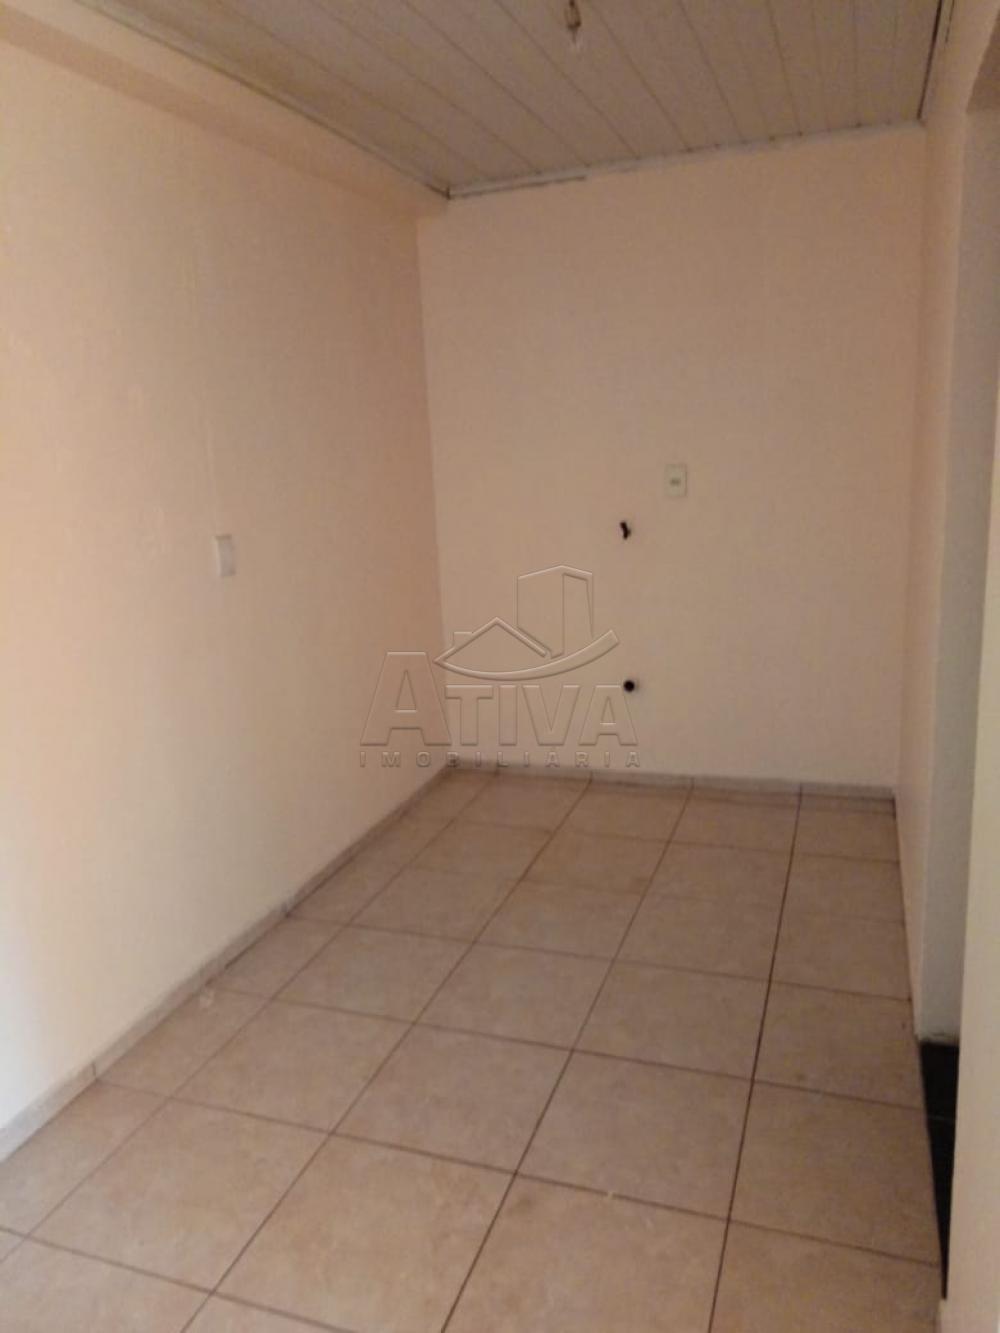 Comprar Casa / Padrão em Toledo apenas R$ 230.000,00 - Foto 11